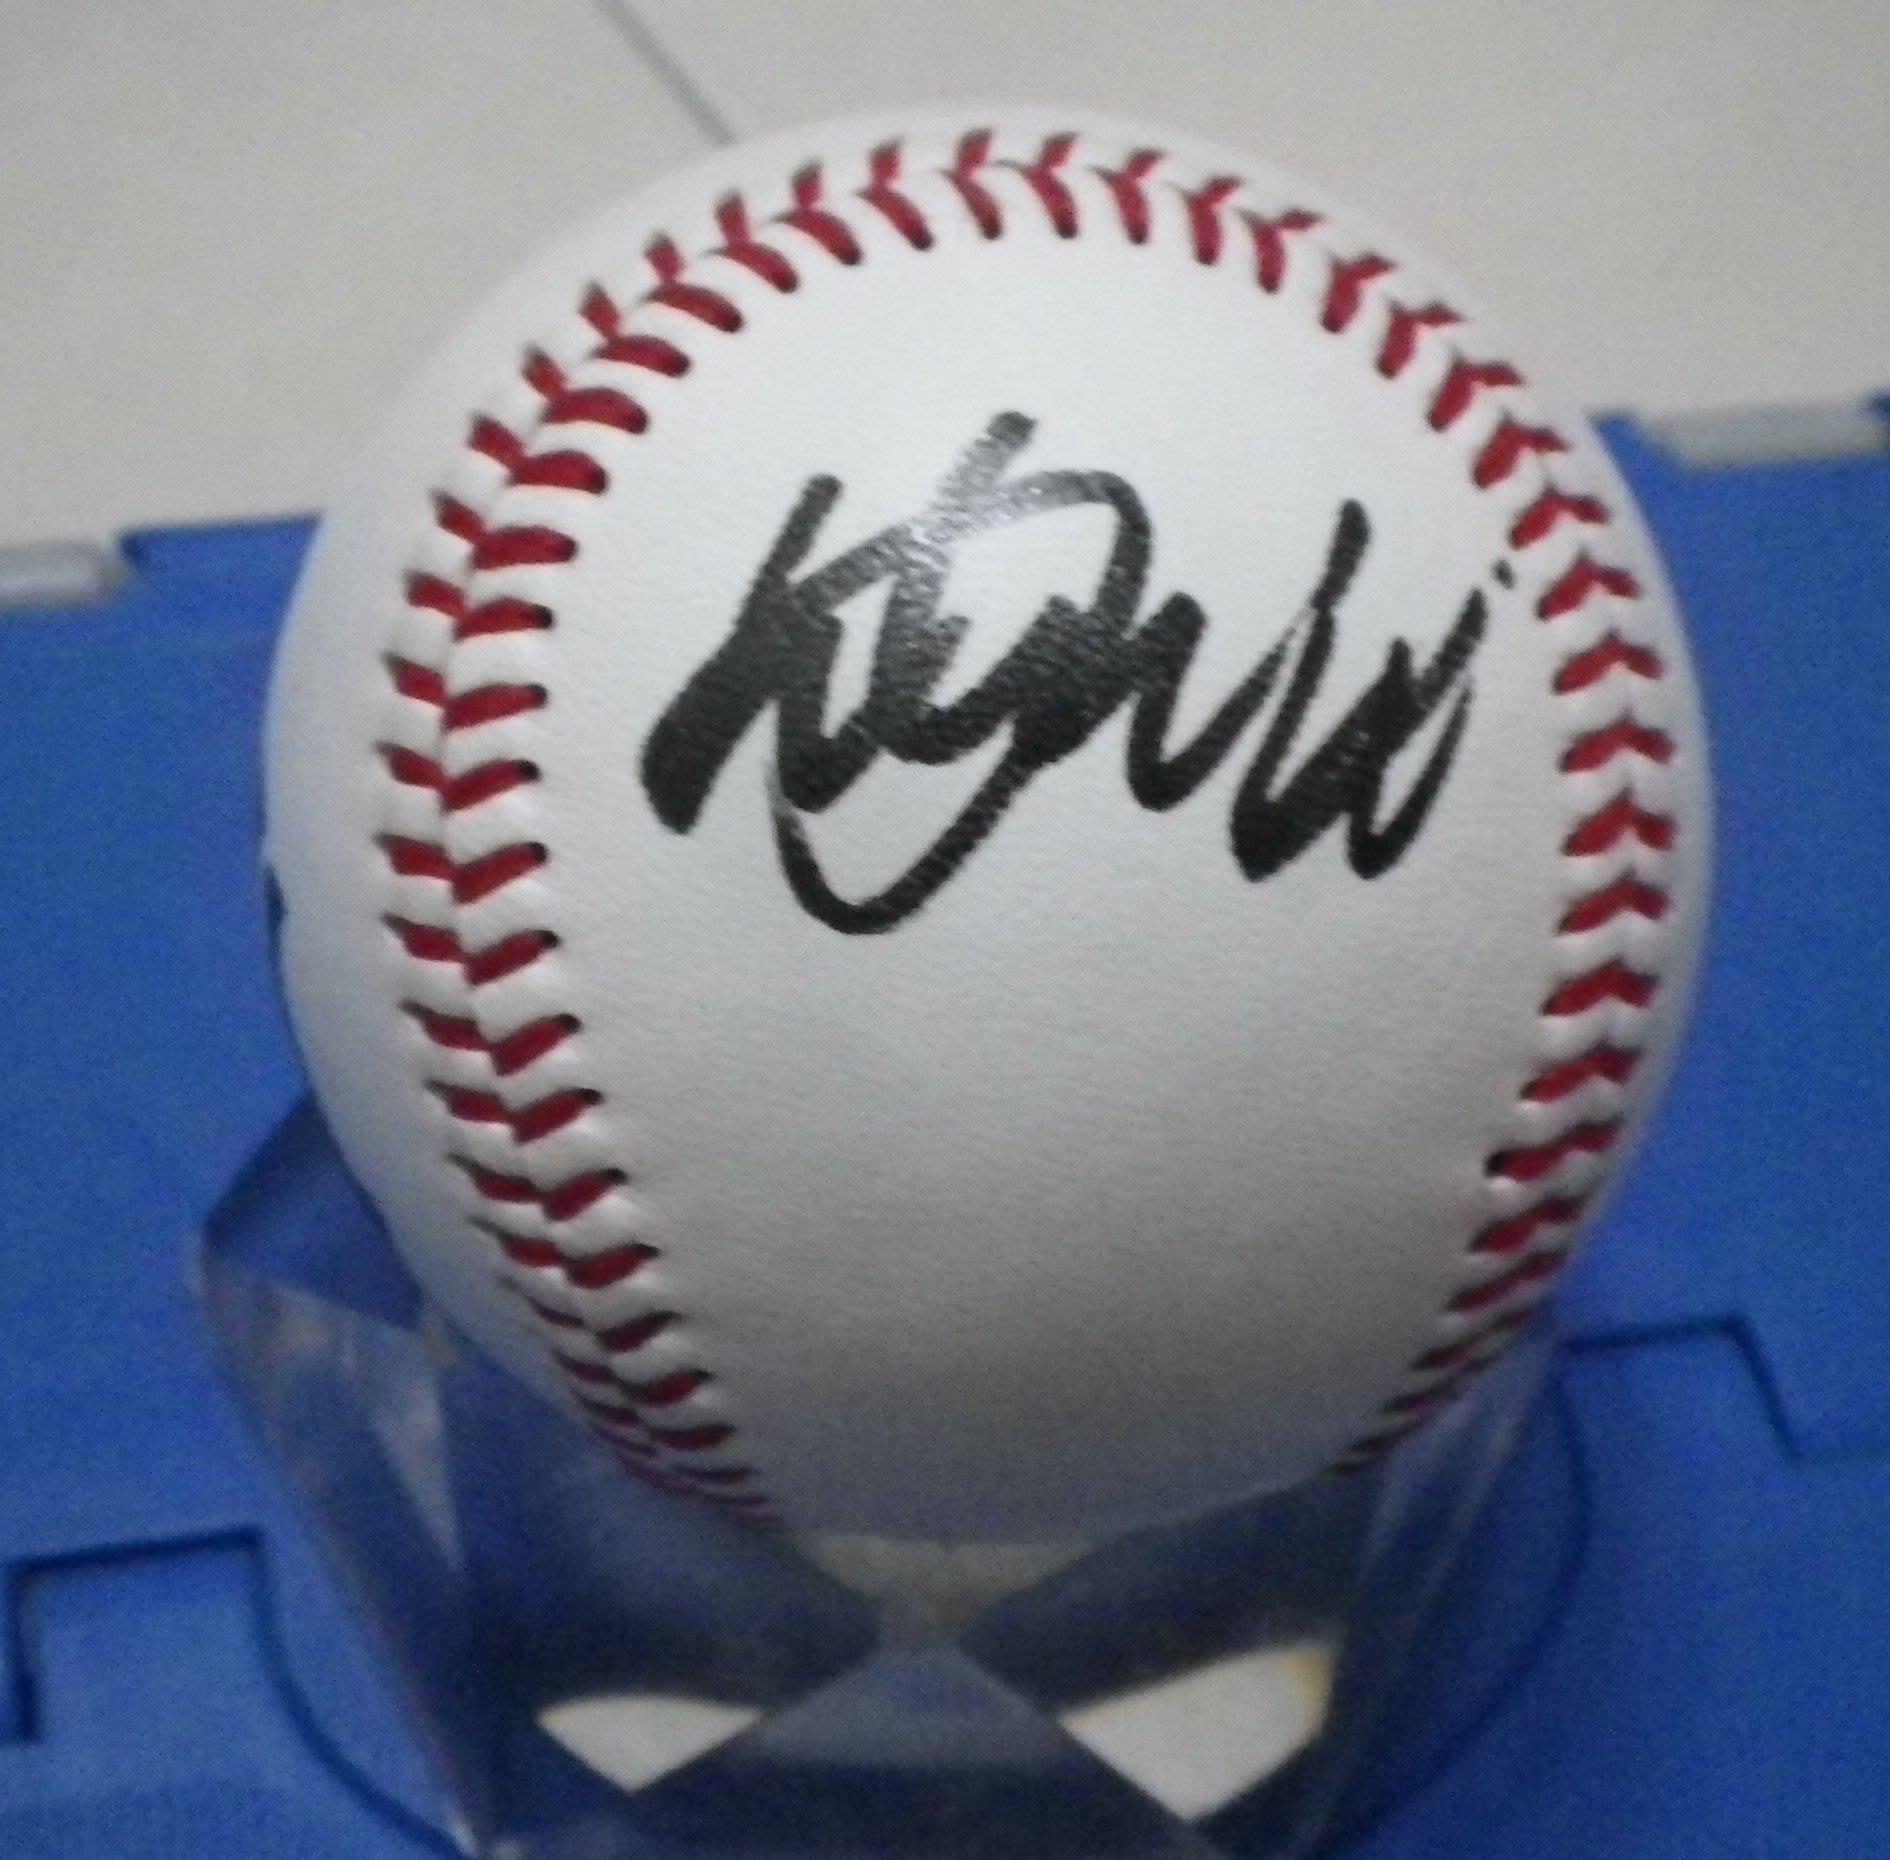 棒球天地--5折賠錢出-- 鈴木一朗 Ichiro Suzuki 簽於洋基練習球.字跡超漂亮